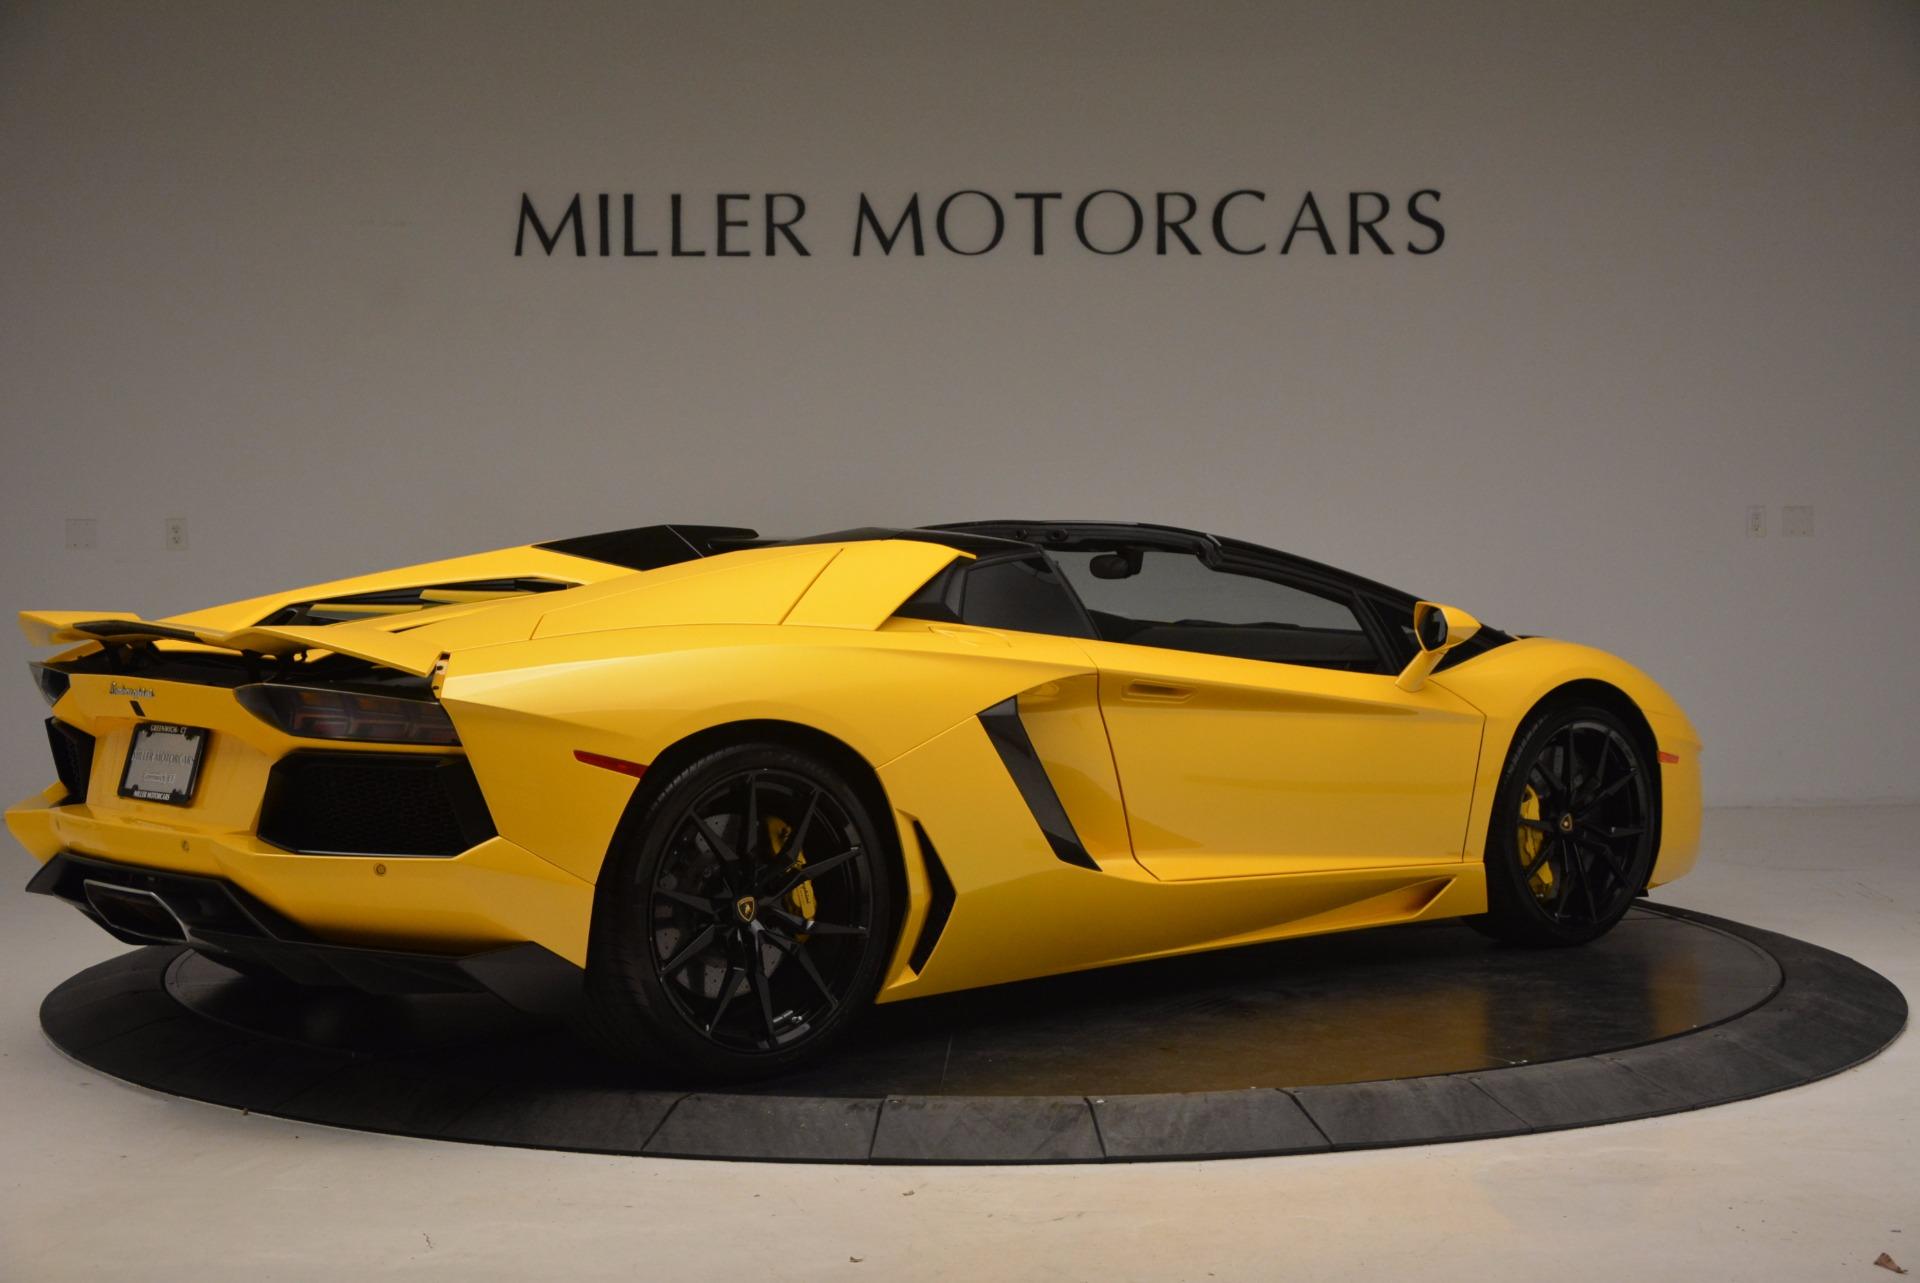 Used 2015 Lamborghini Aventador LP 700-4 Roadster For Sale In Greenwich, CT. Alfa Romeo of Greenwich, 7284 1774_p9